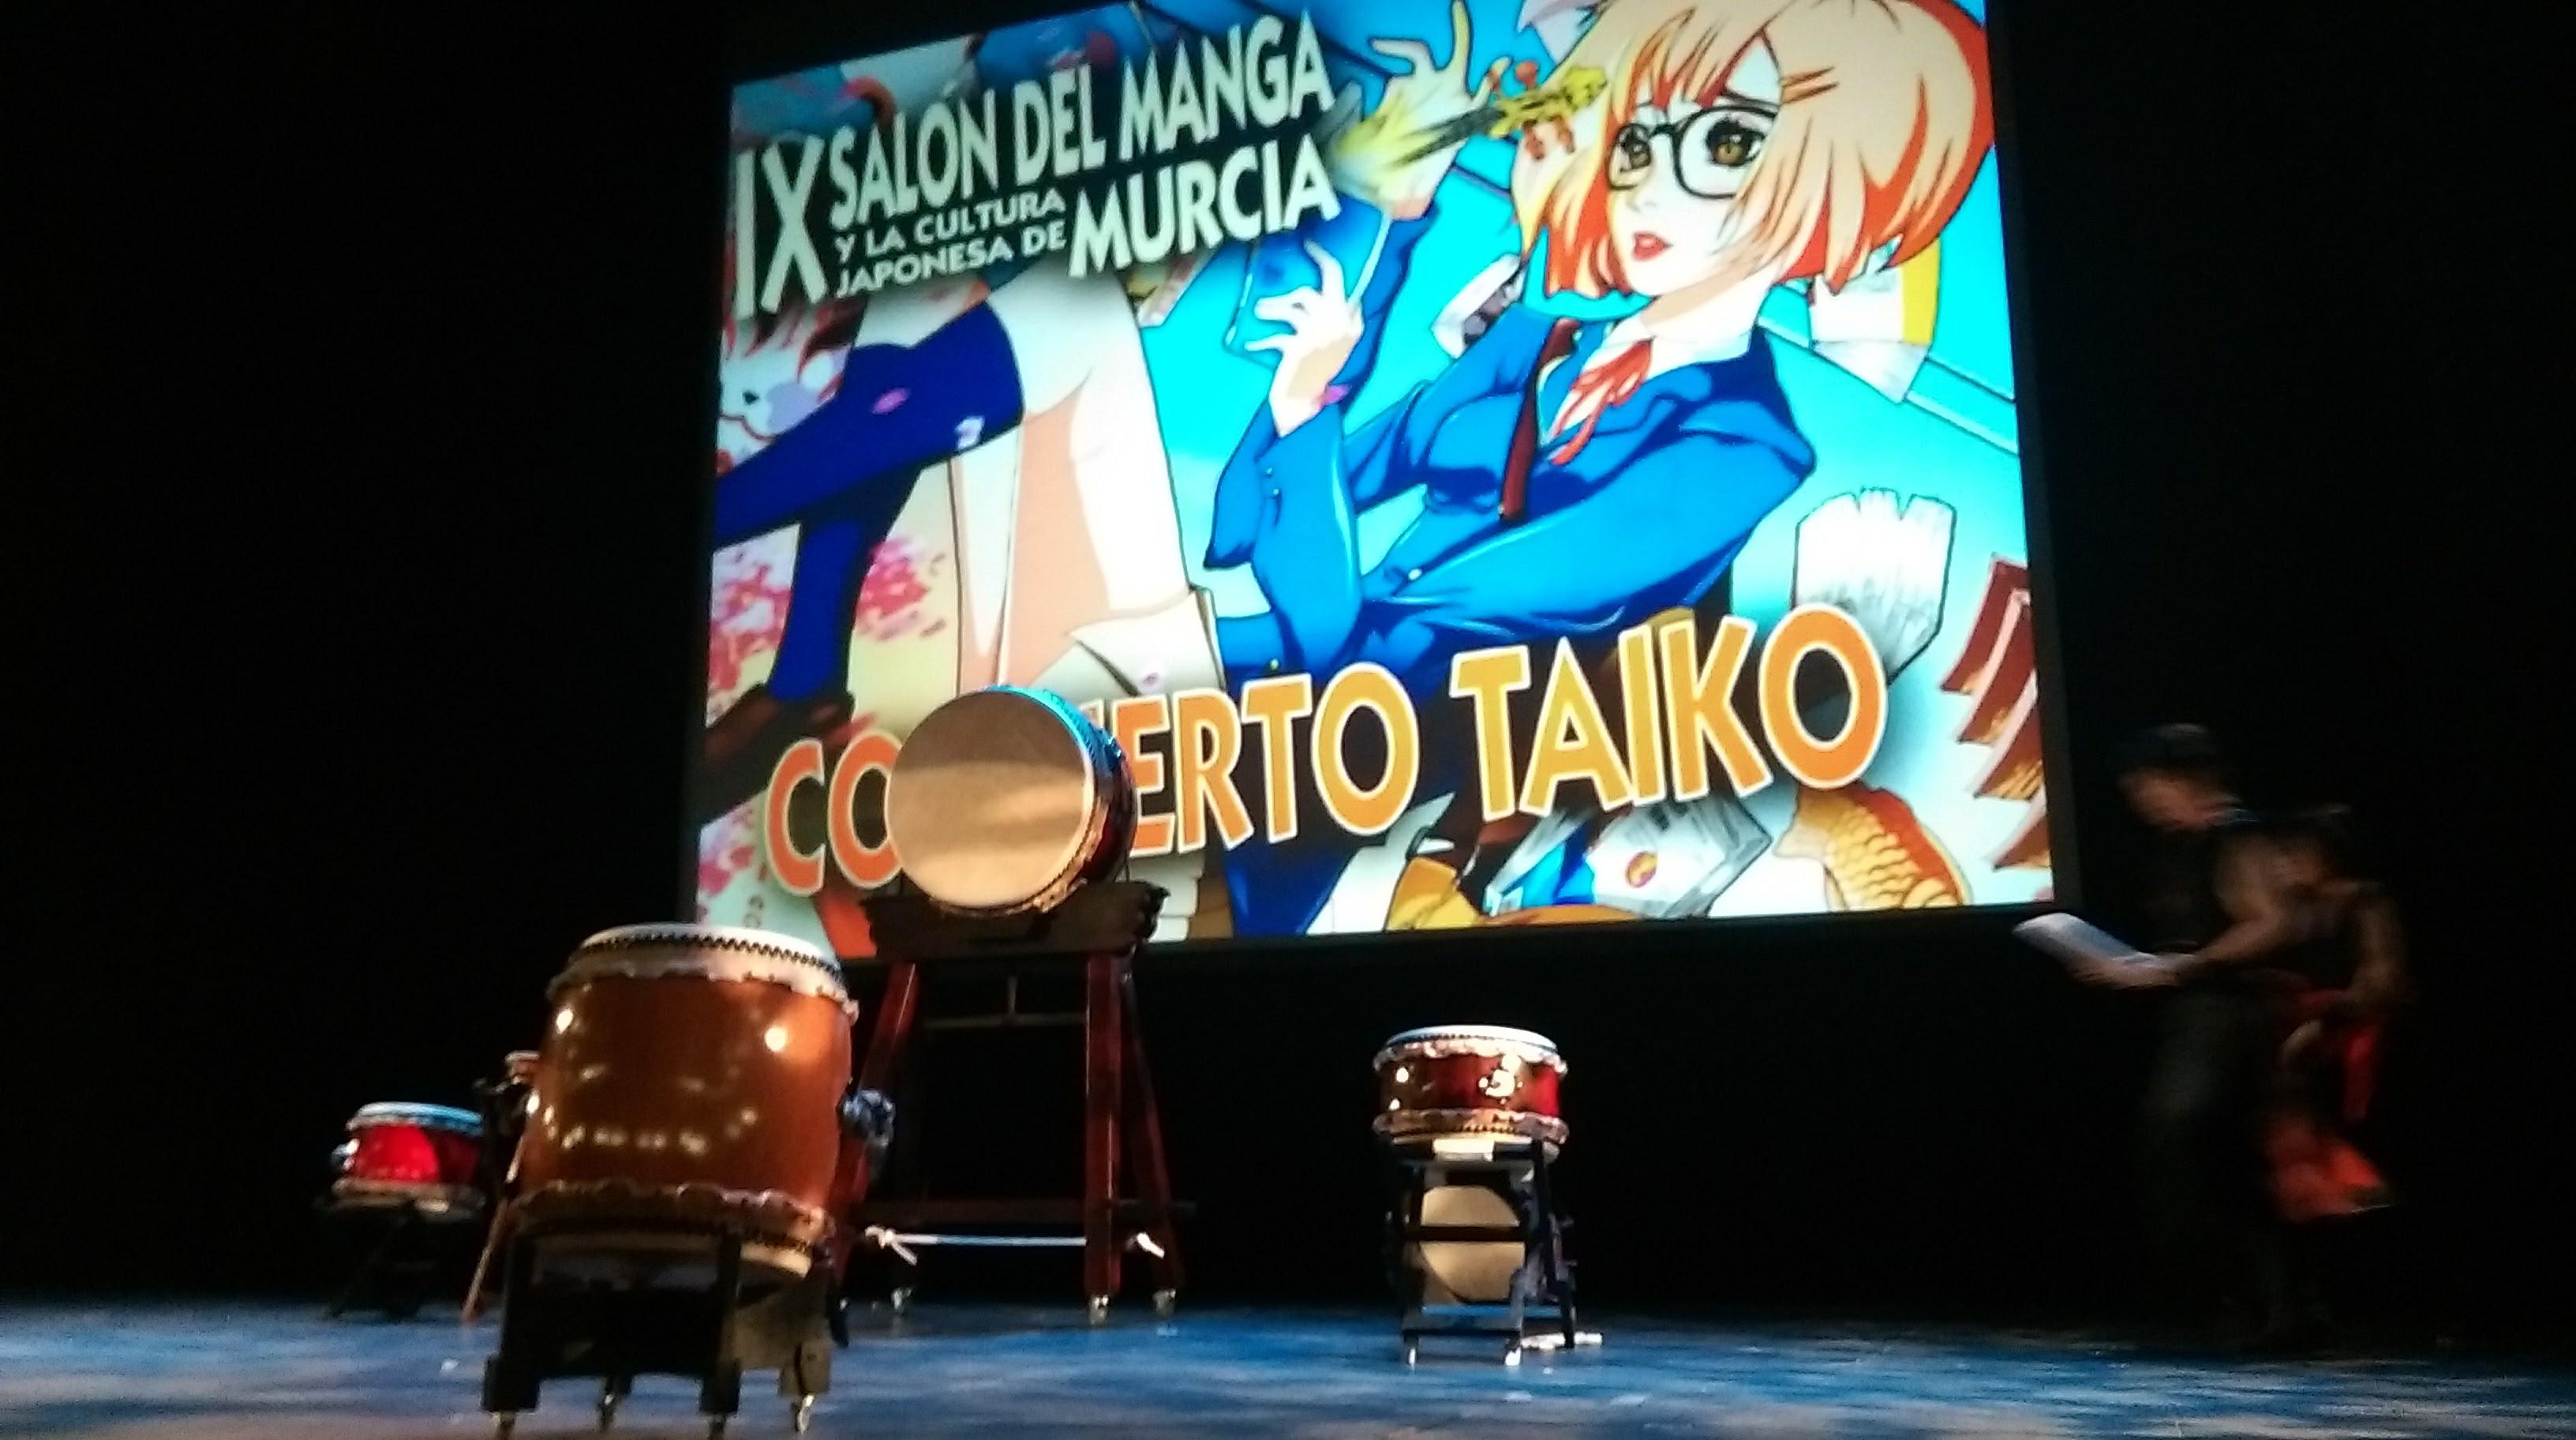 Taiko Enishi en IX Salón del Manga y la Cultura Japonesa de Murcia